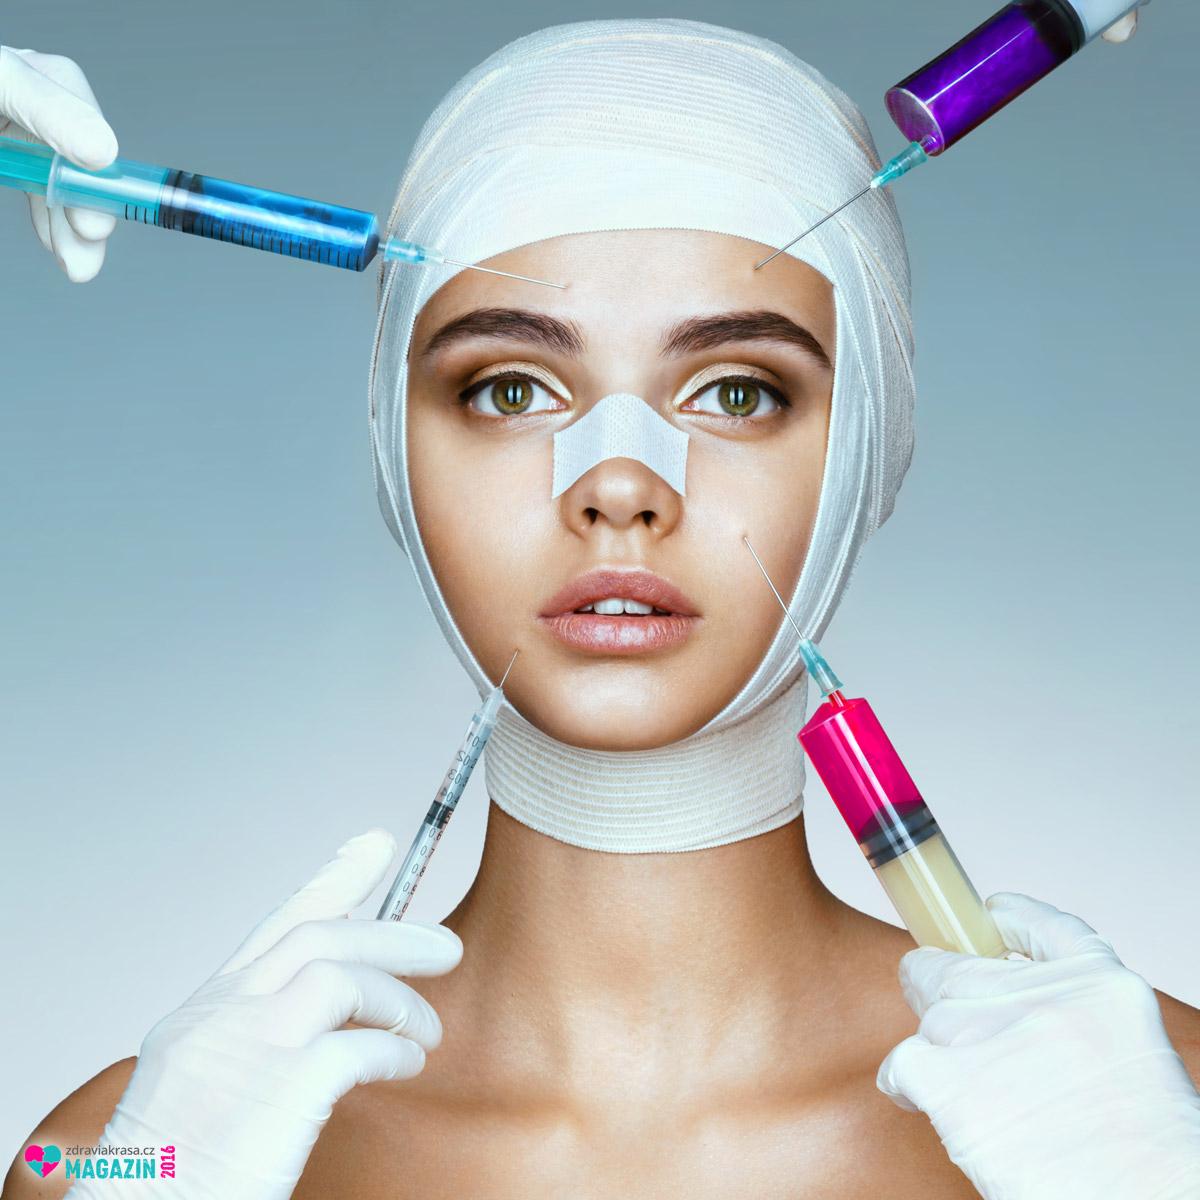 Výplně botuloxinu se hodí pro odstranění vrásek kolem úst a nosu, pod očima a na čele.